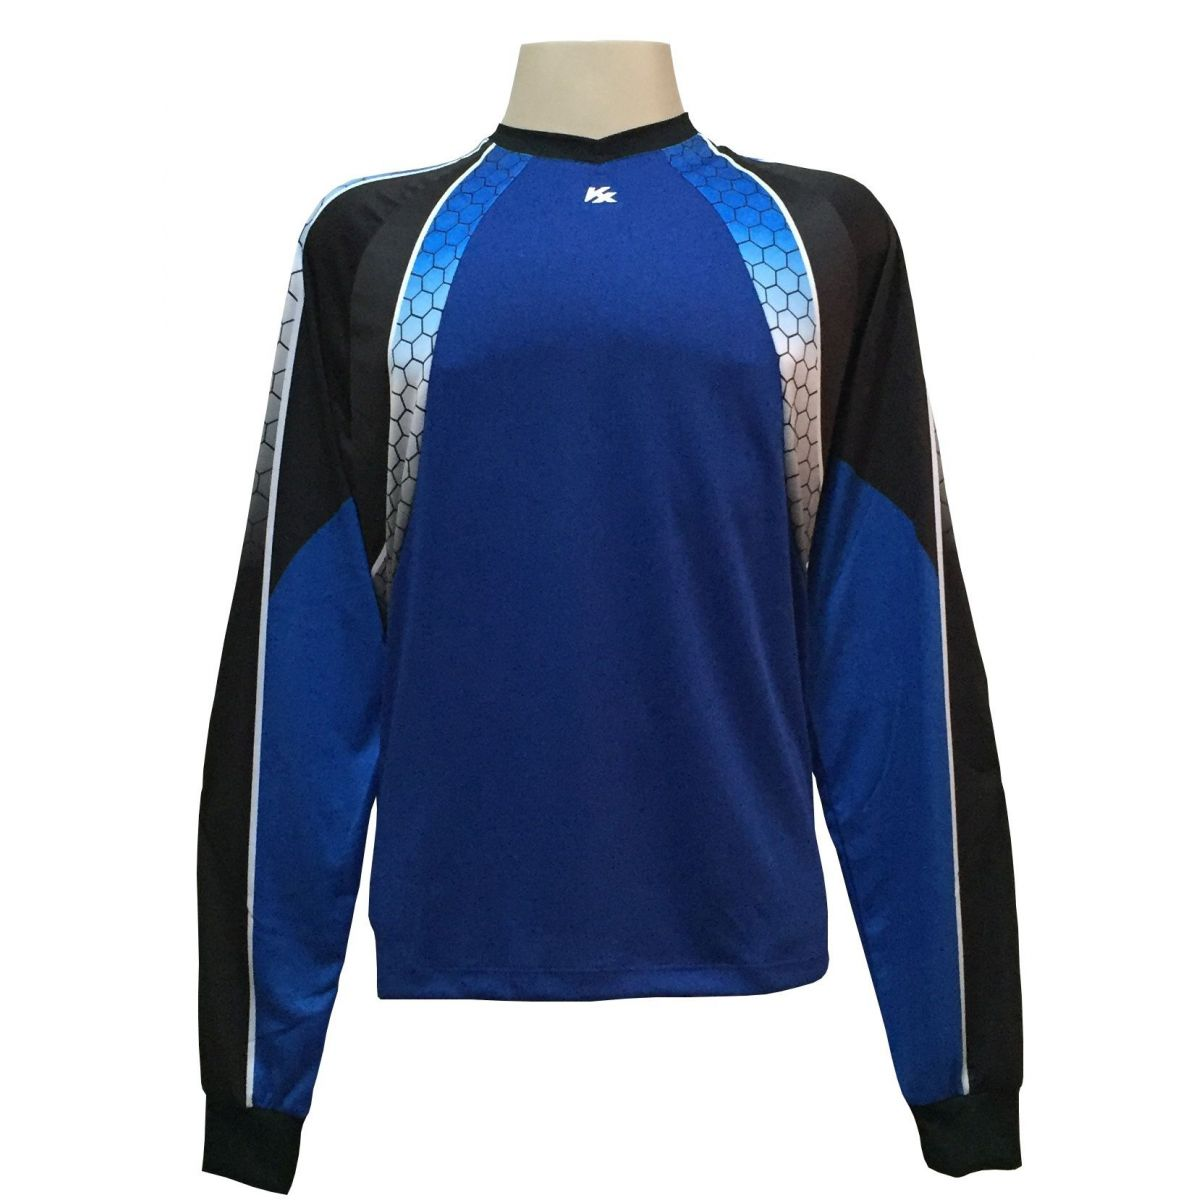 Camisa de Goleiro Profissional modelo Paraí Tam G Nº 12 - Azul Royal/Preto - Kanxa